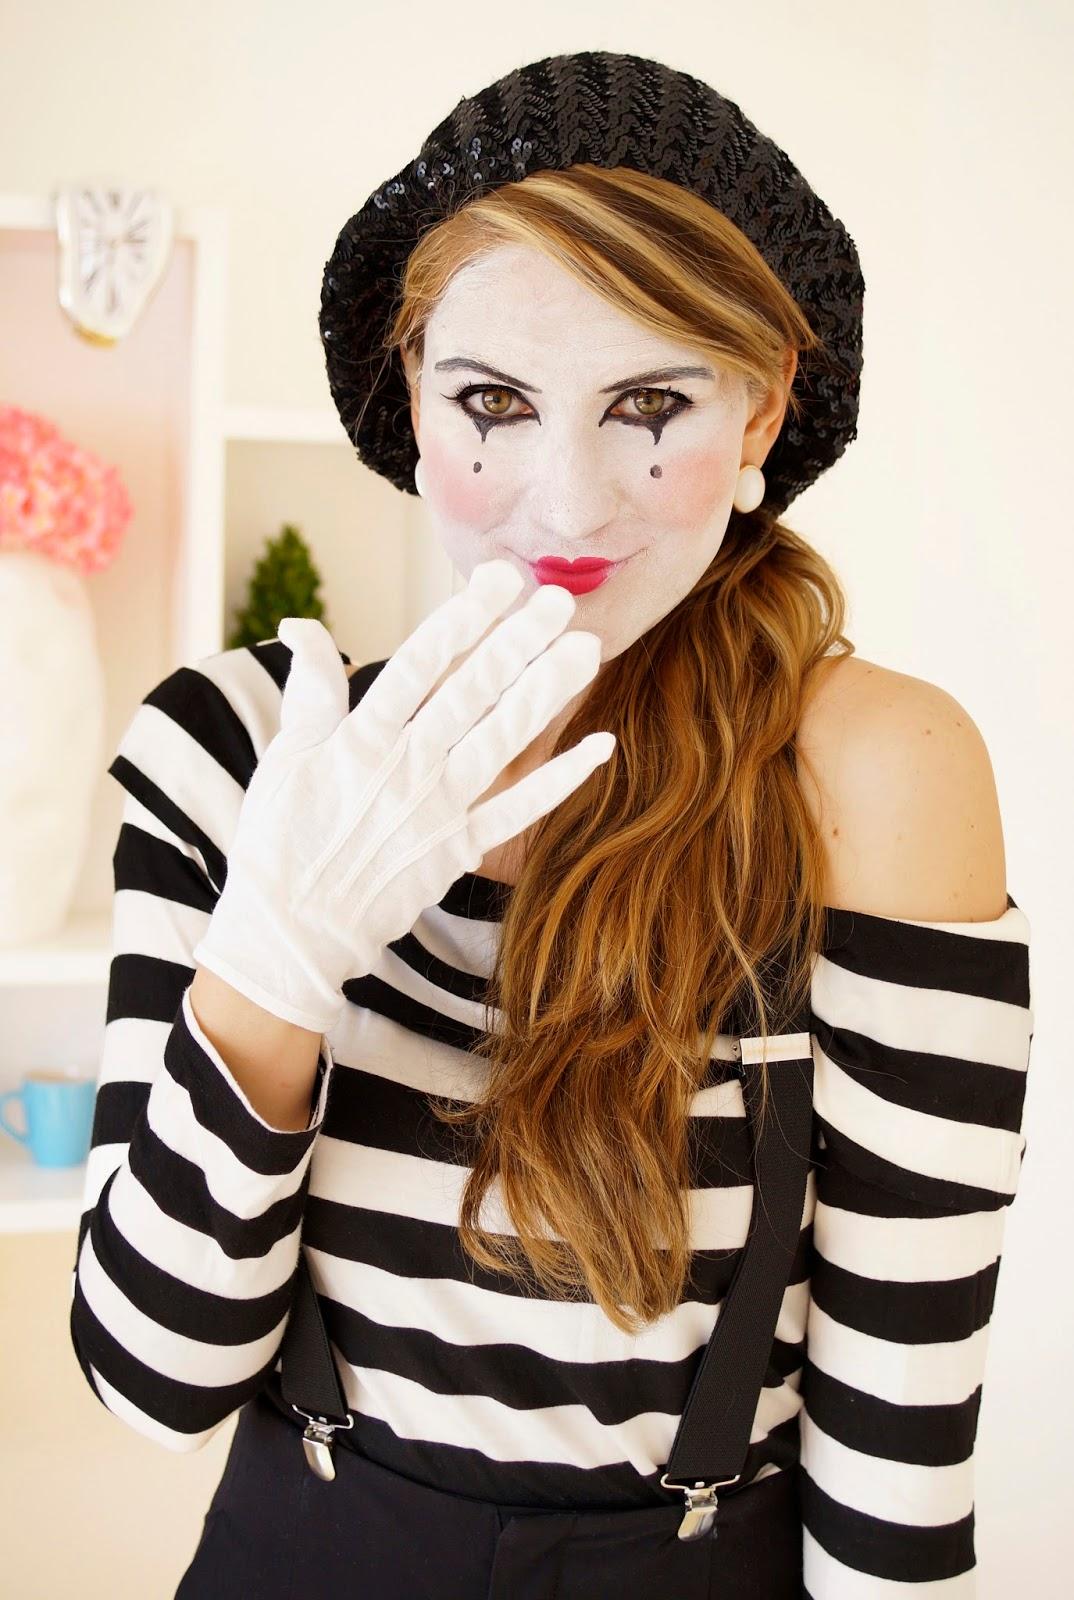 déguisement femme halloween, mime au visage blanchi, maquillage contour noir, gants blancs, pantalon, bretelles noires et top noir et blanc